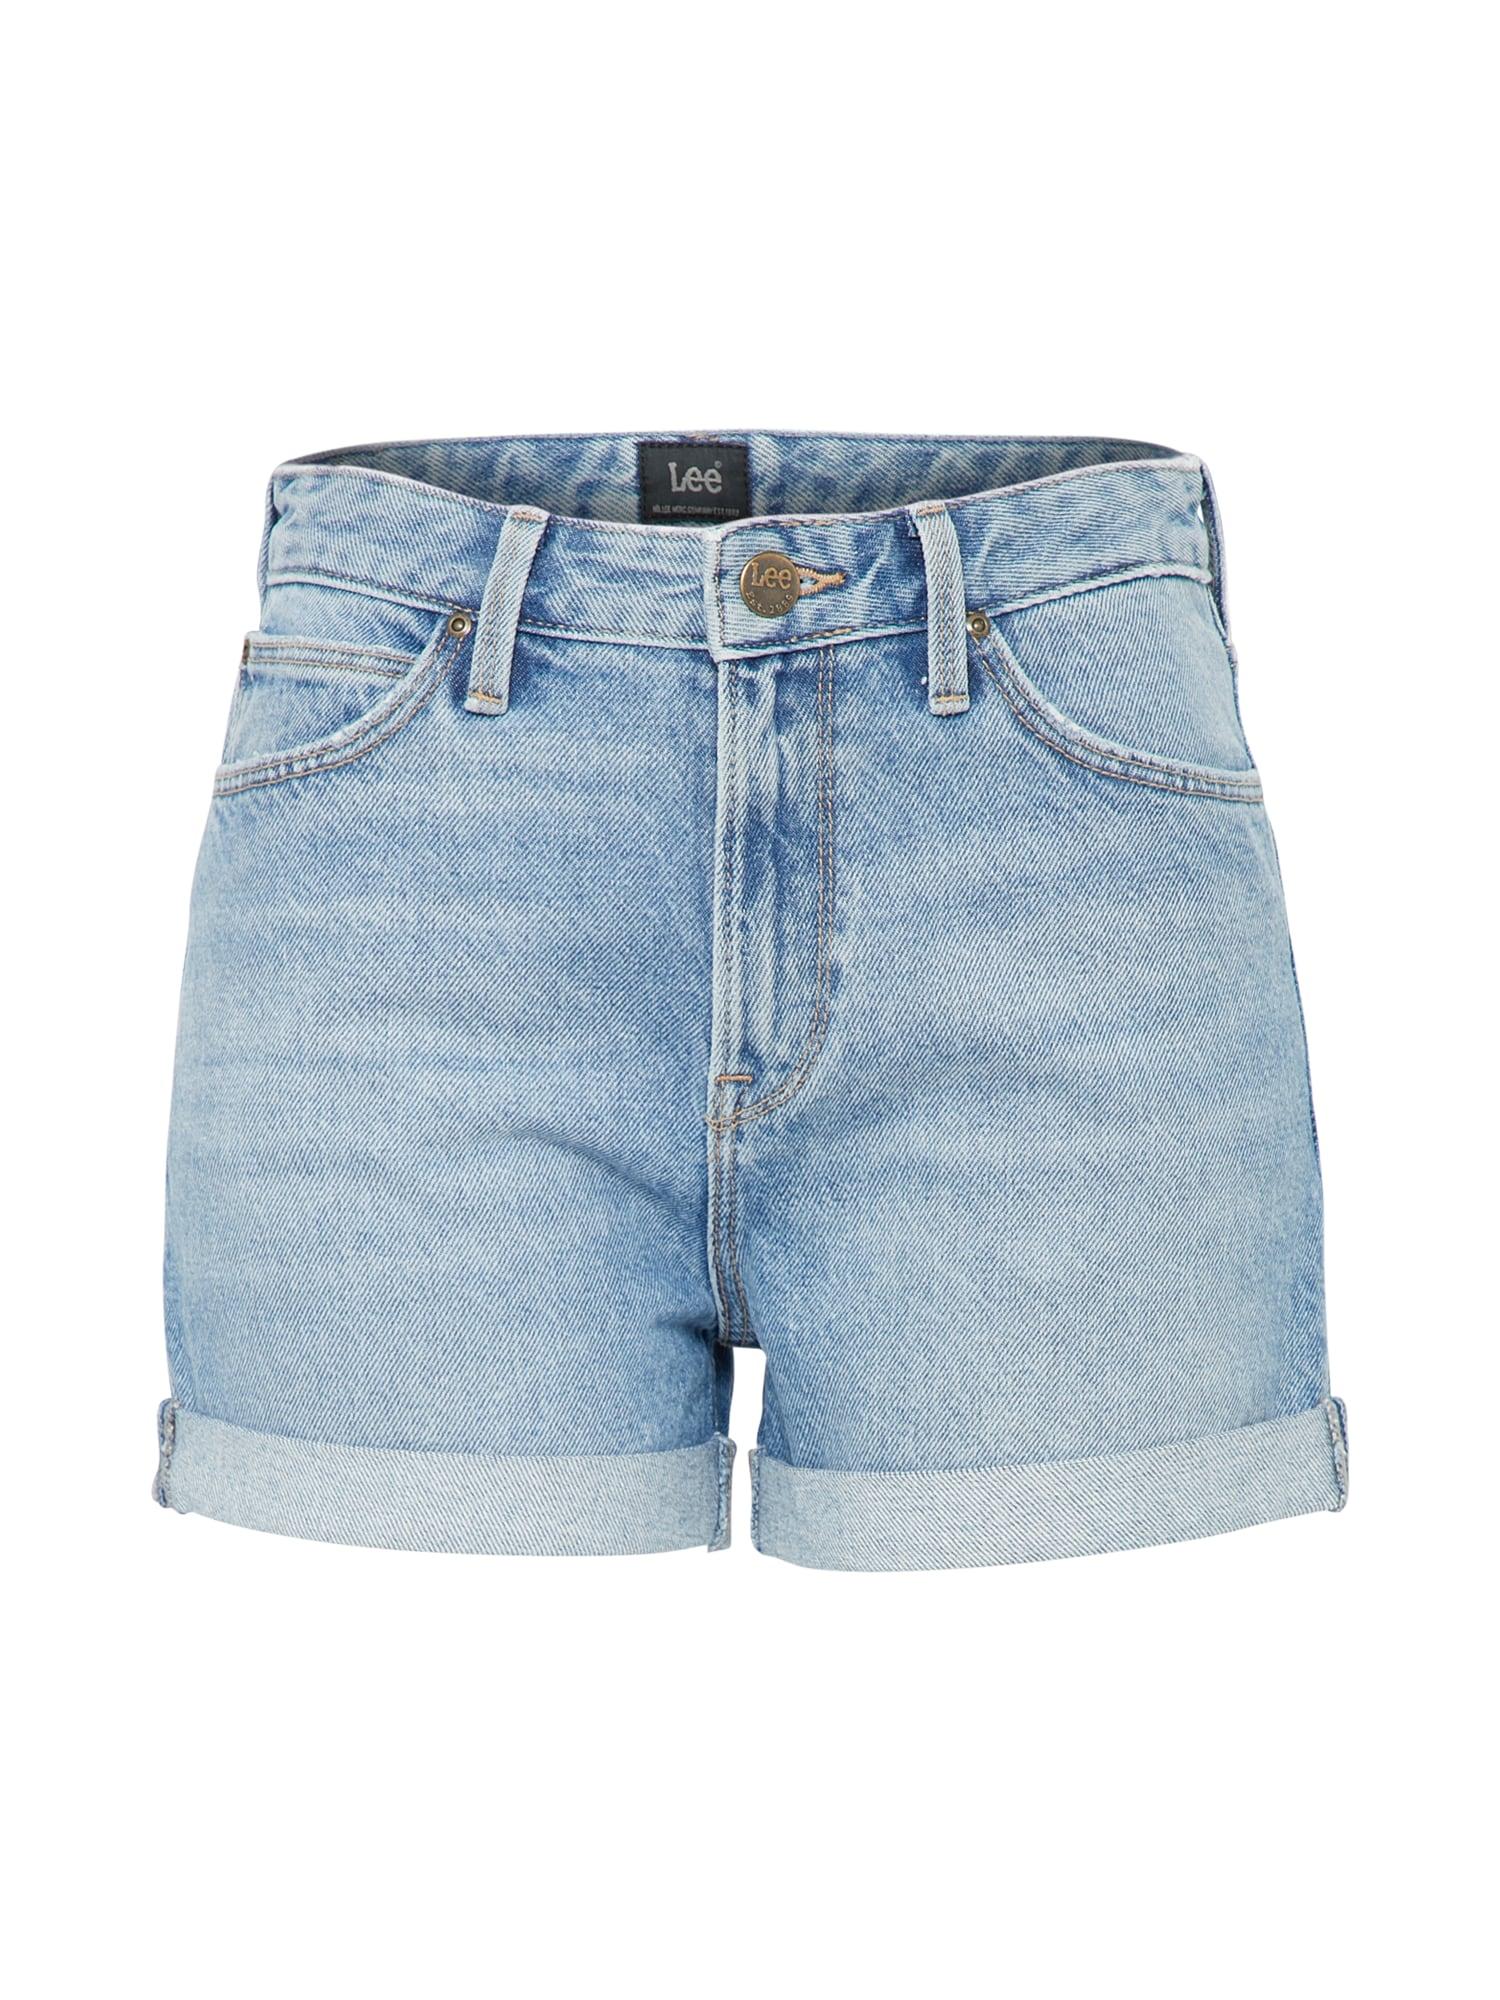 Lee Dames Jeans MOM SHORT blue denim